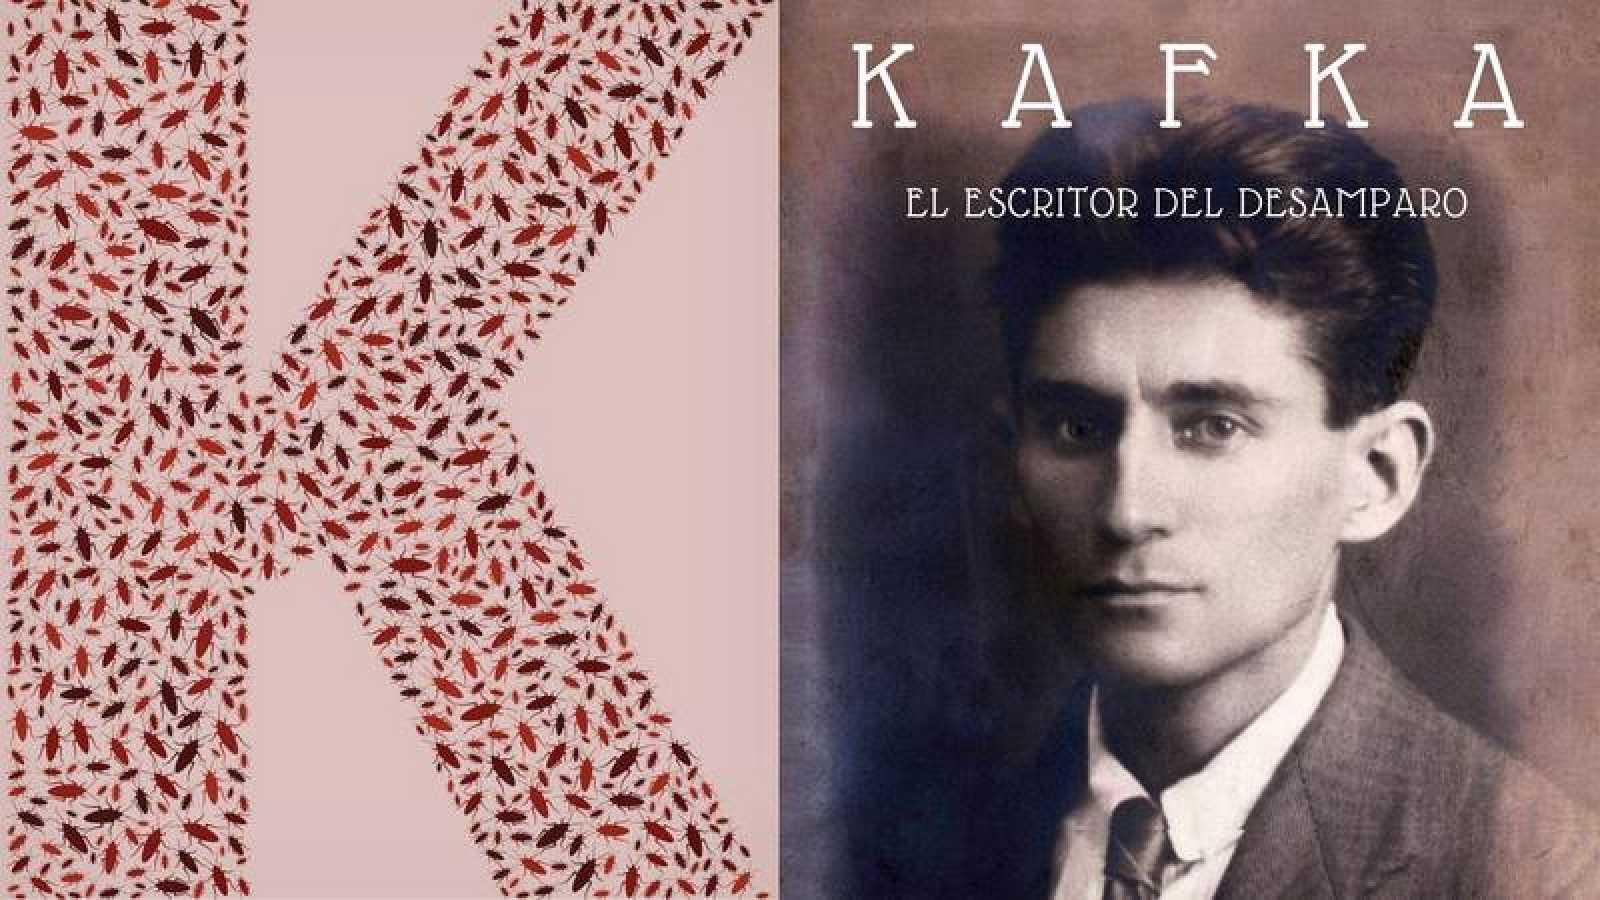 Repasamos la vida y obra de Kafka en el aniversario de su muerte.